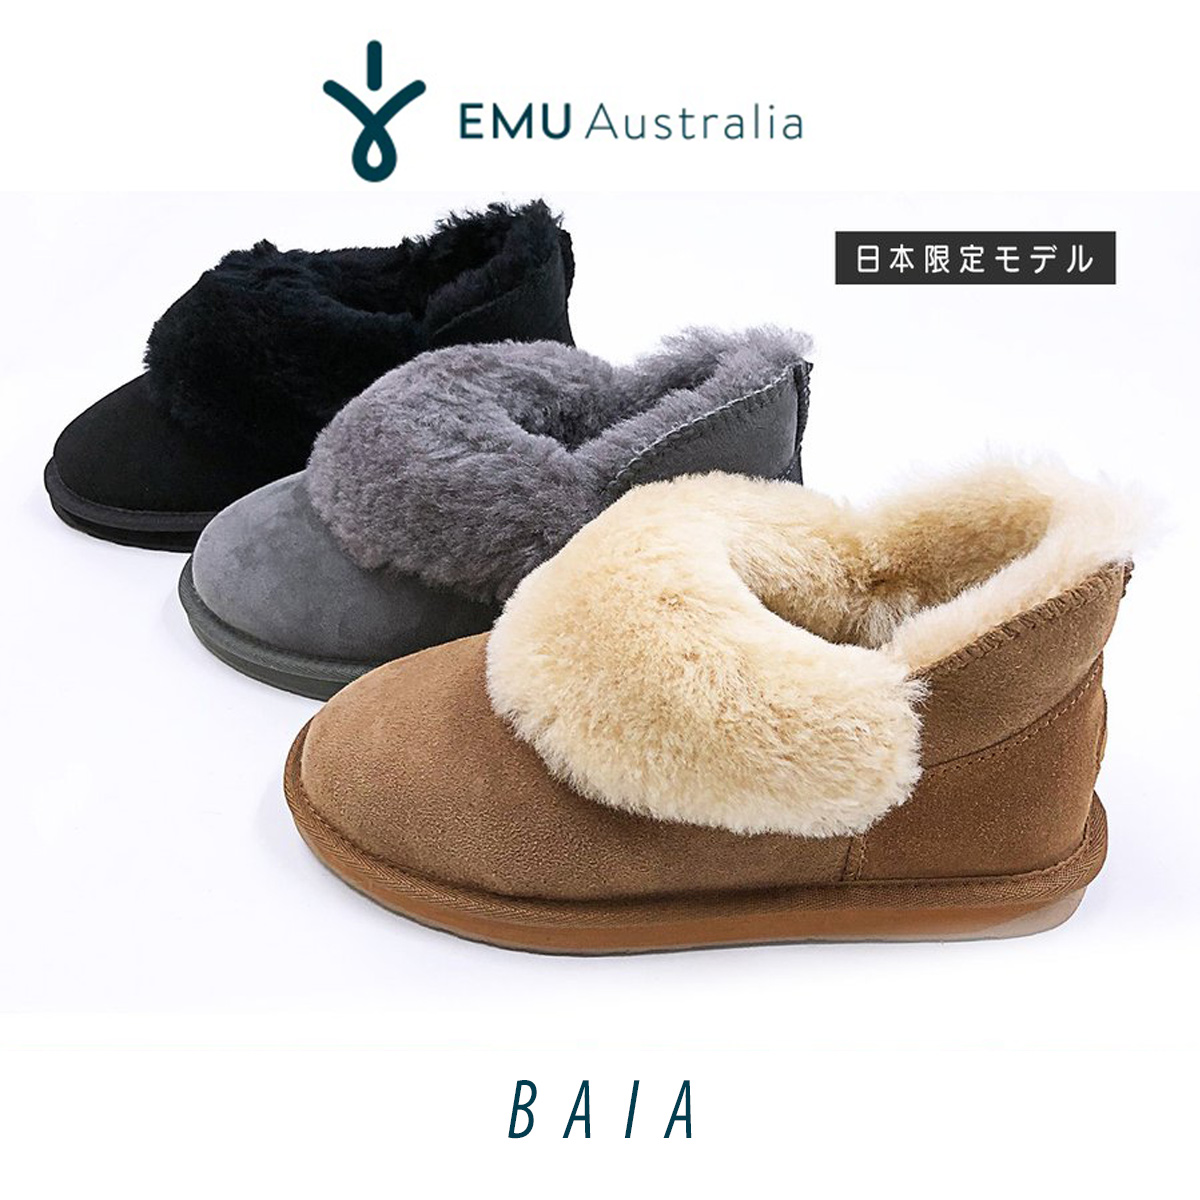 ムートン ブーツ ファー エミュ エミュー EMU BAIA バイア W11695 ボア 撥水加工 レディース メンズ 2018 秋冬 送料無料